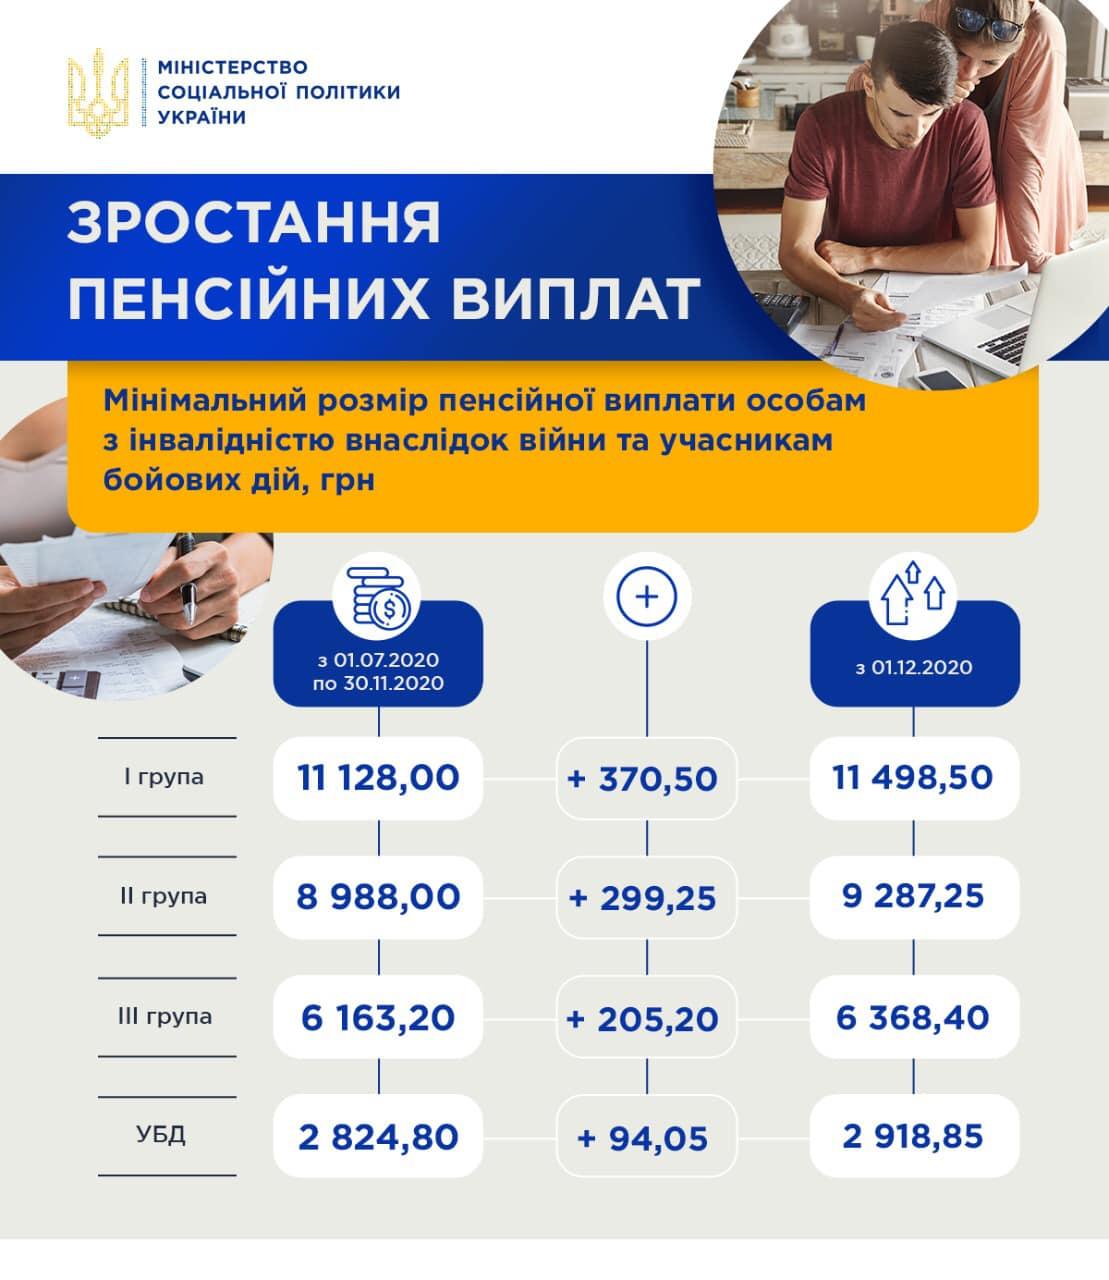 Кому и на сколько подняли пенсии с 1 декабря: появилась инфографика